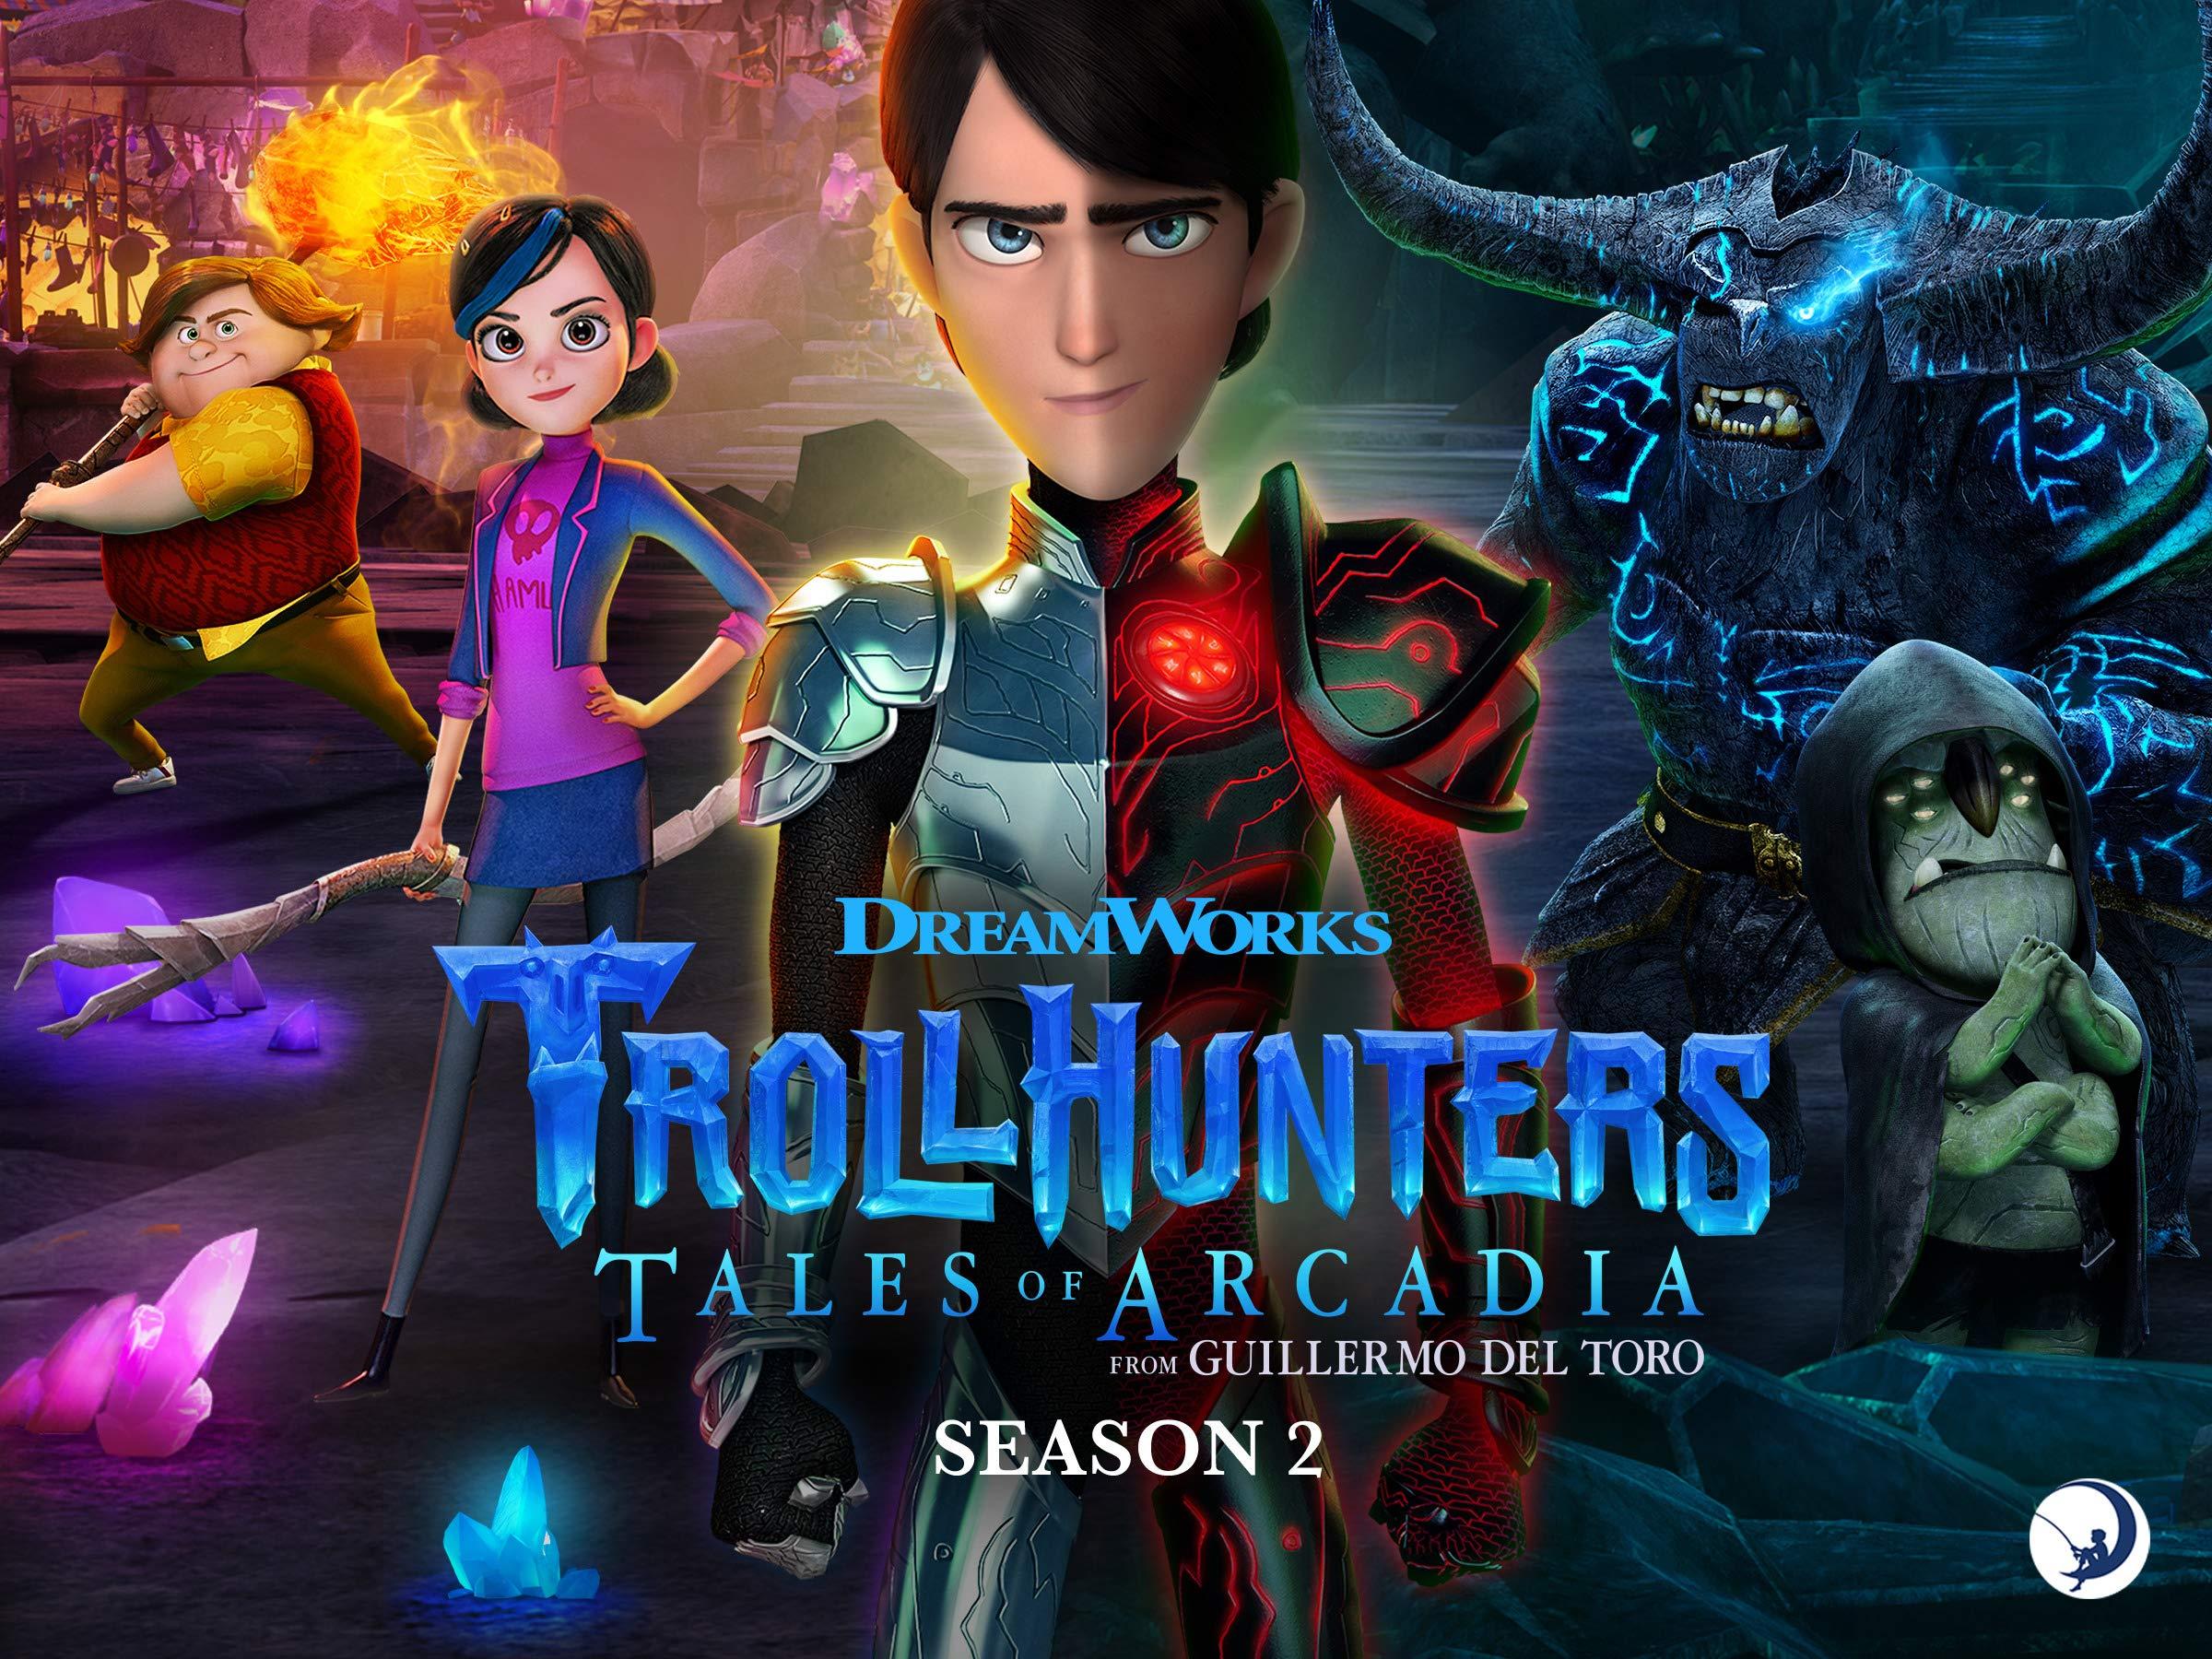 trollhunters season 3 episode 1 online free